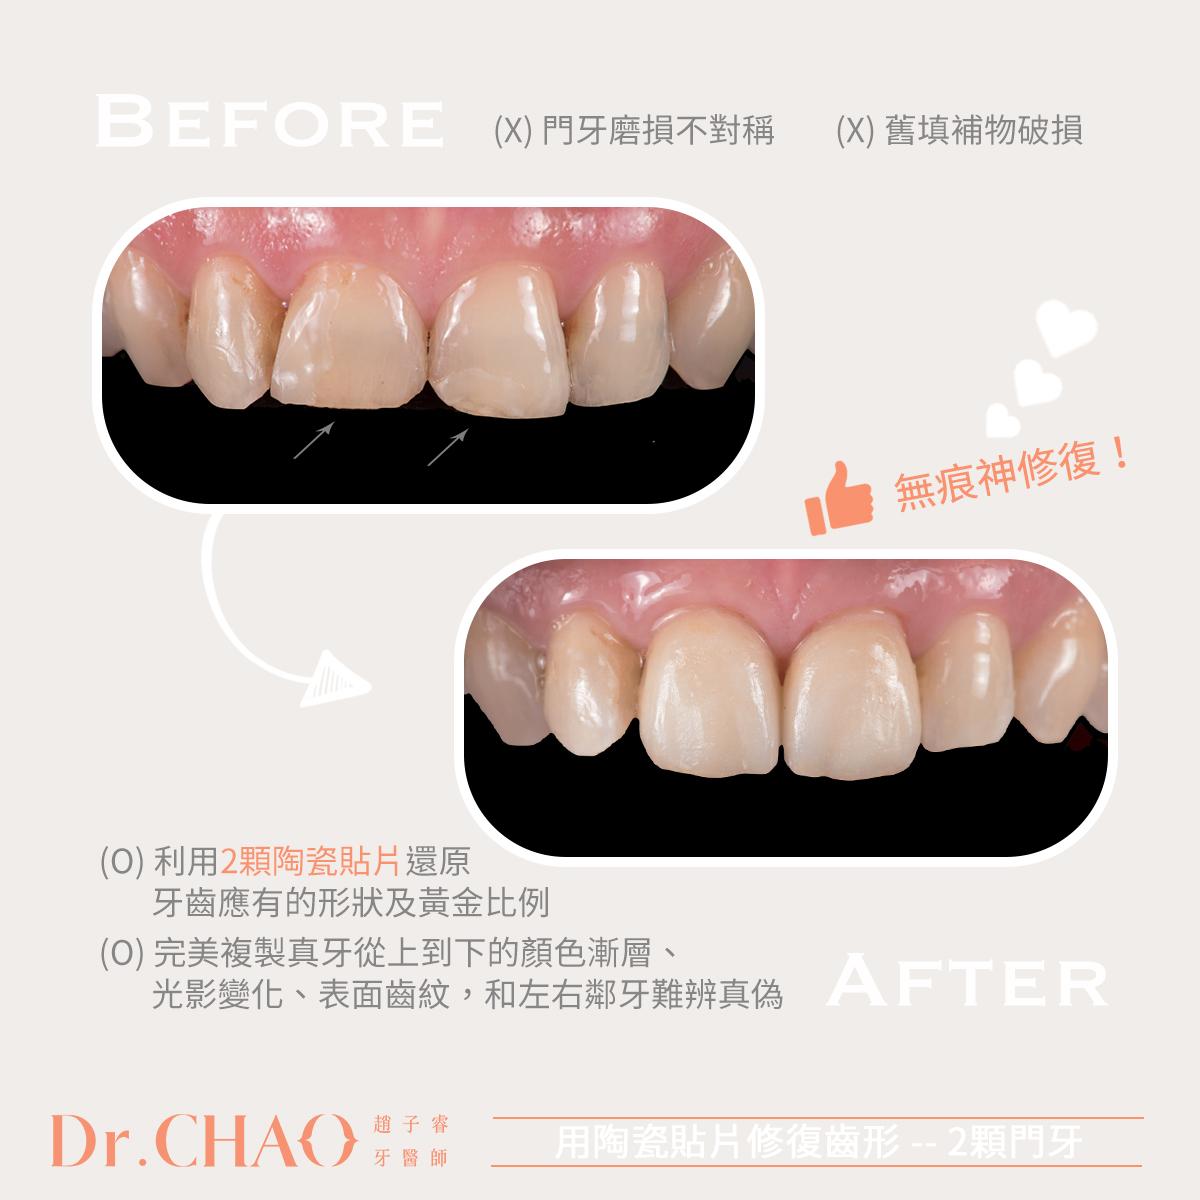 趙子睿醫師的笑容改造術,拯救患者因門牙嚴重磨耗缺損不敢露齒大笑的困擾